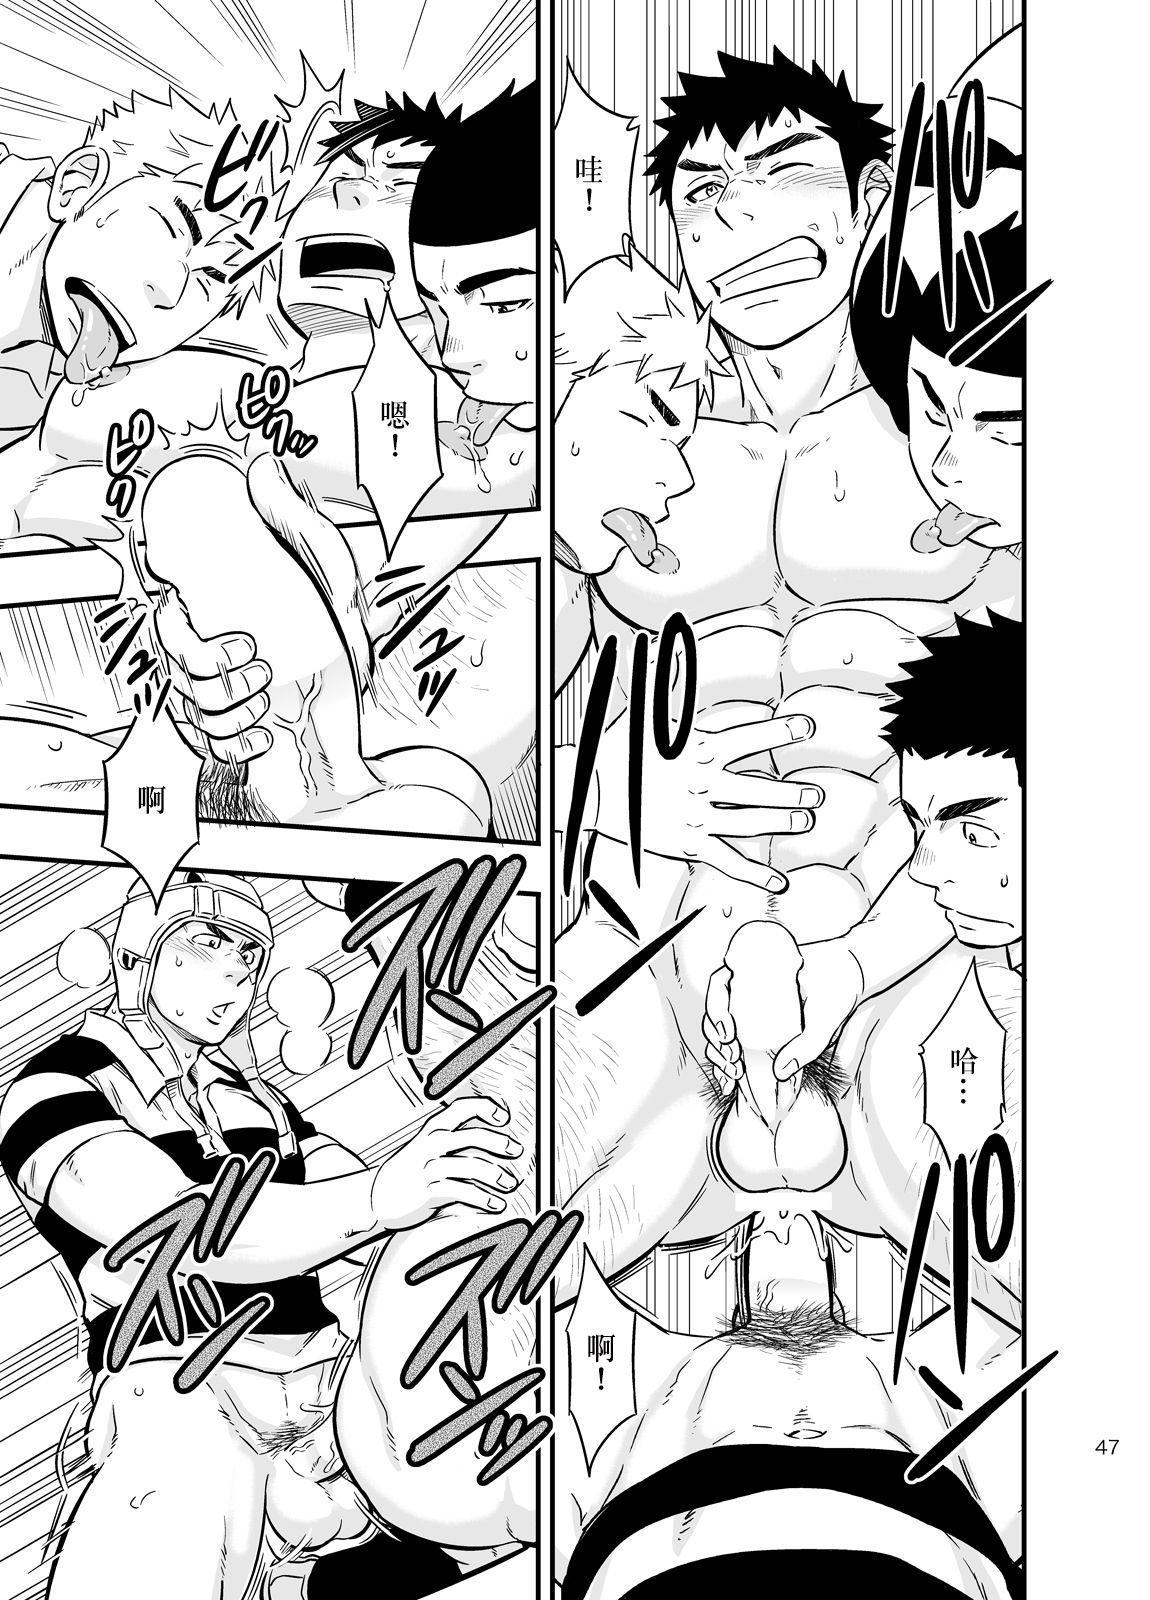 Moshimo Danshikou no Hoken Taiiku ga Jitsugi Ari Dattara 2 | 如果男校的保健体育课有实践环节的话 2 45